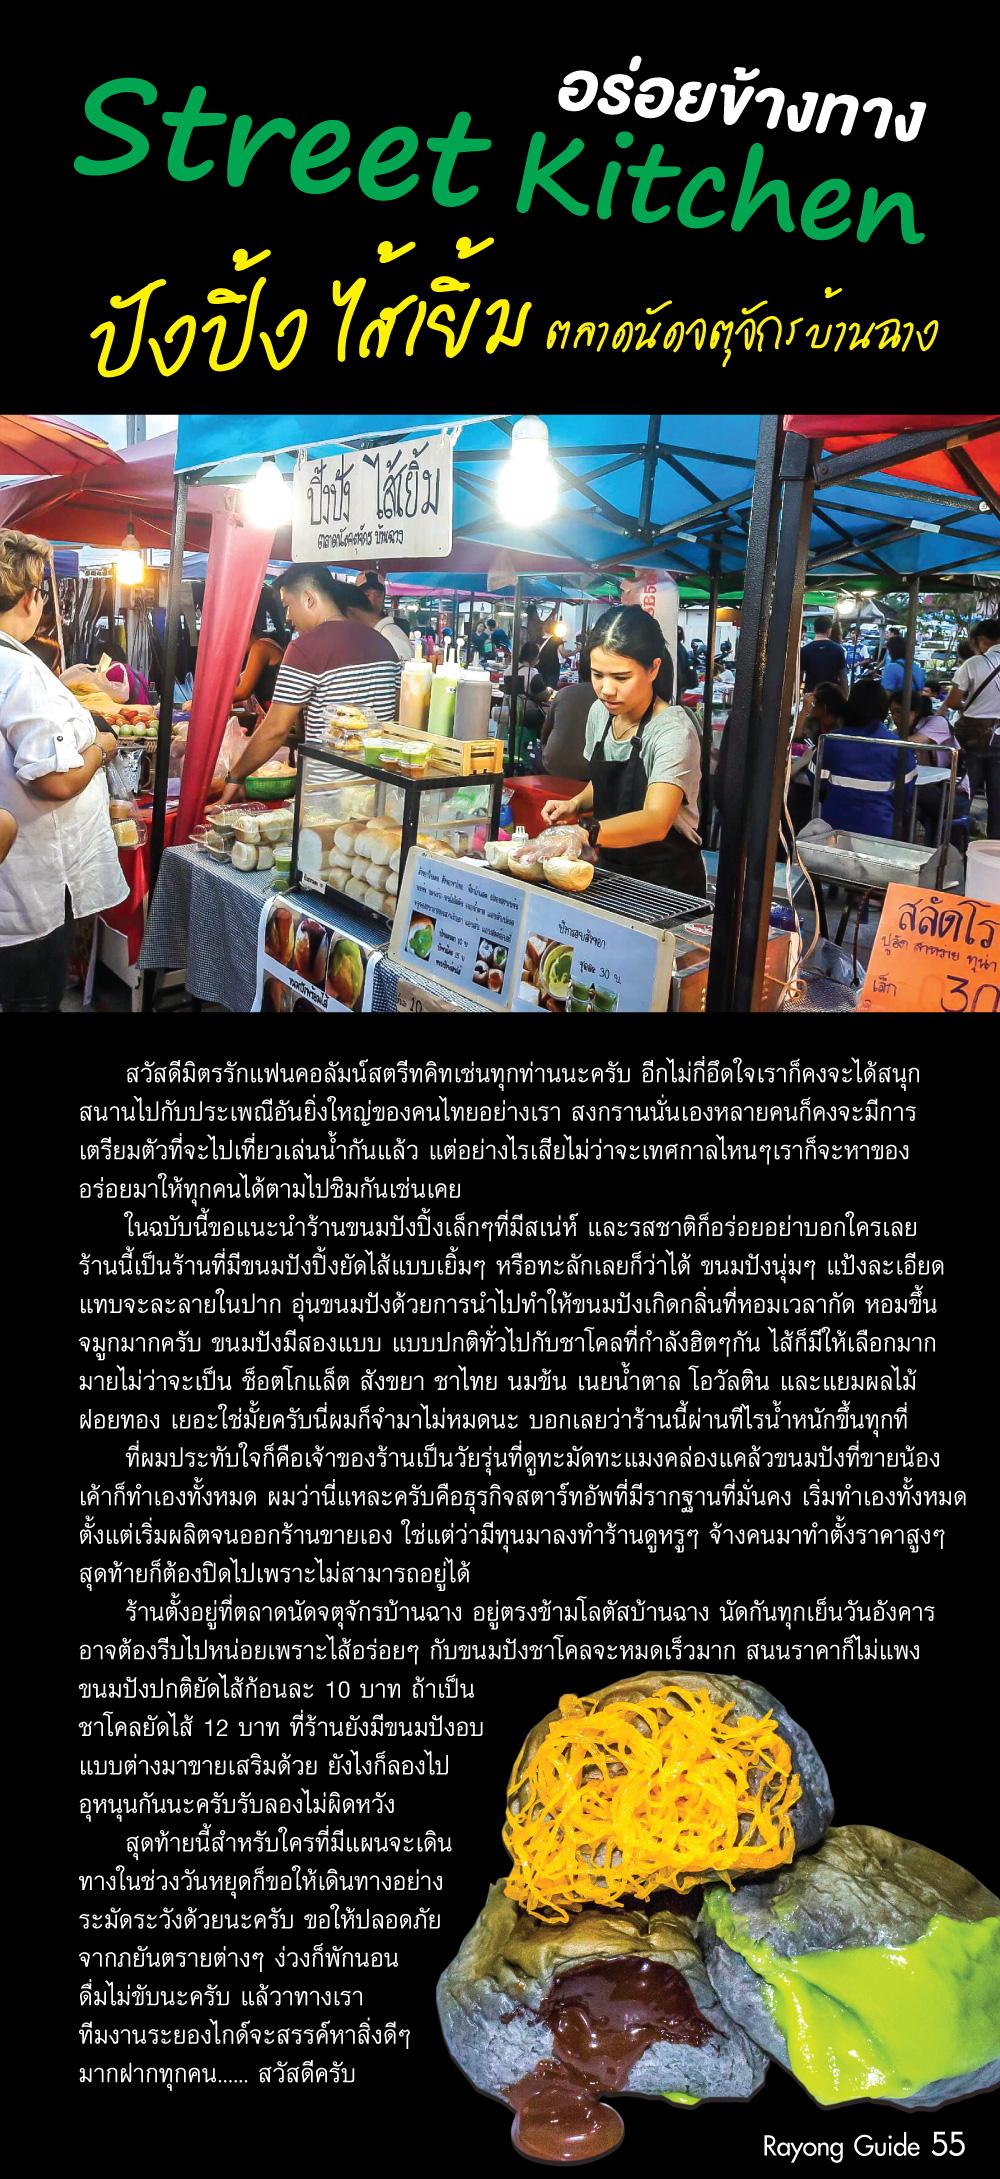 street-kitchen-04-17